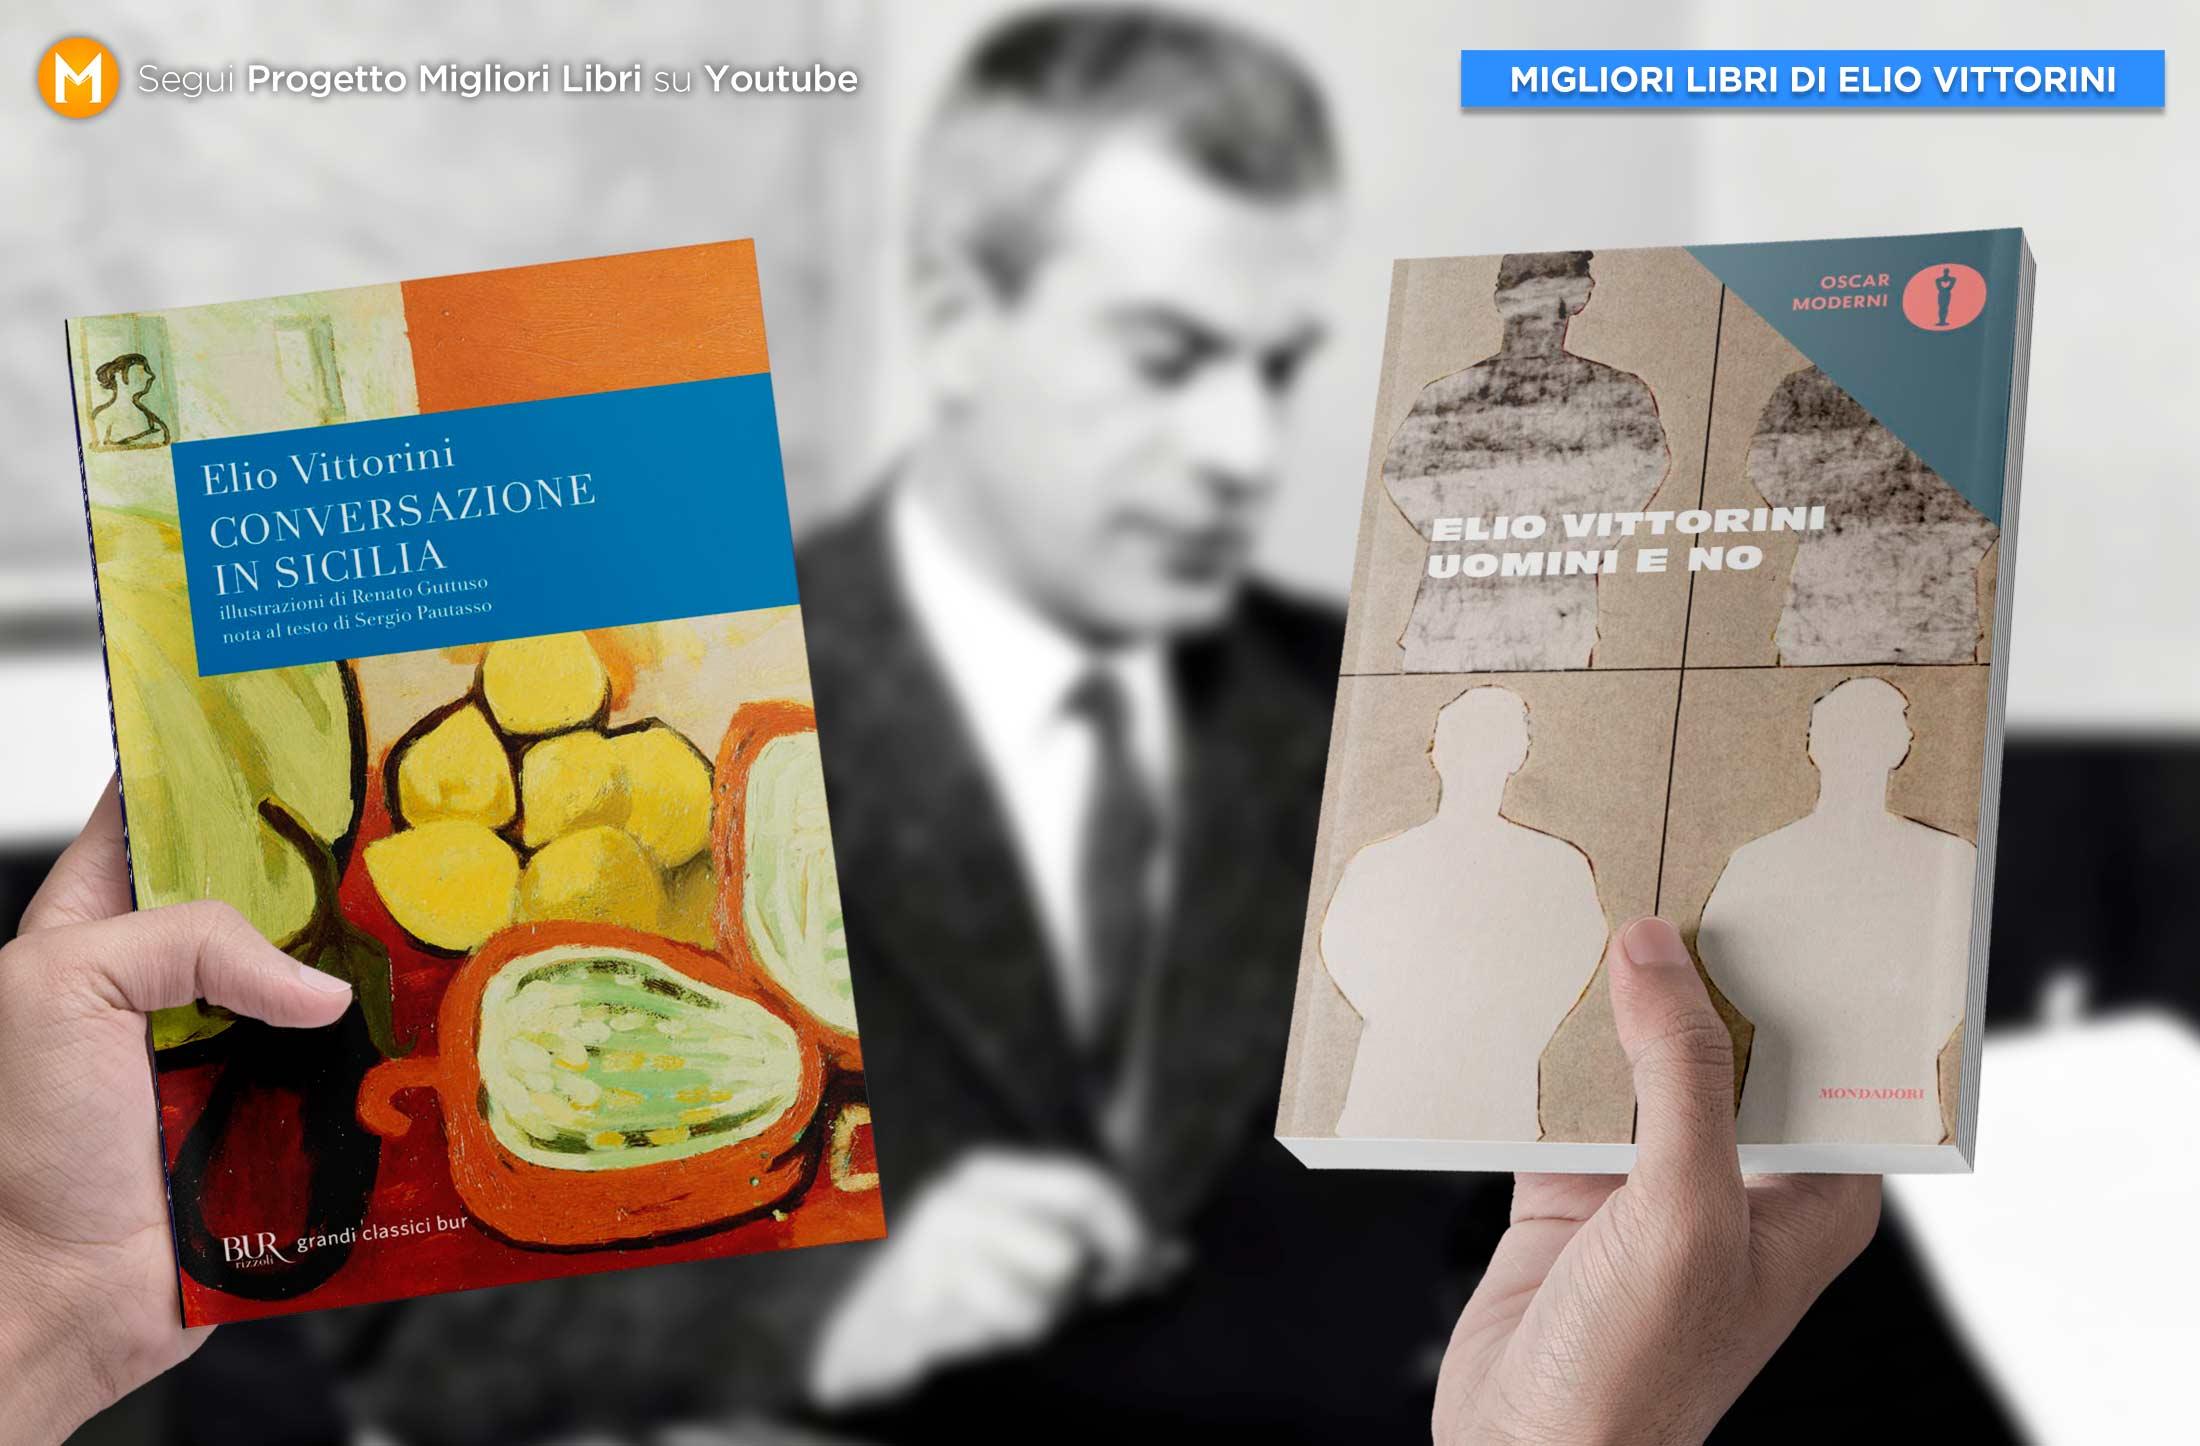 migliori-libri-elio-vittorini